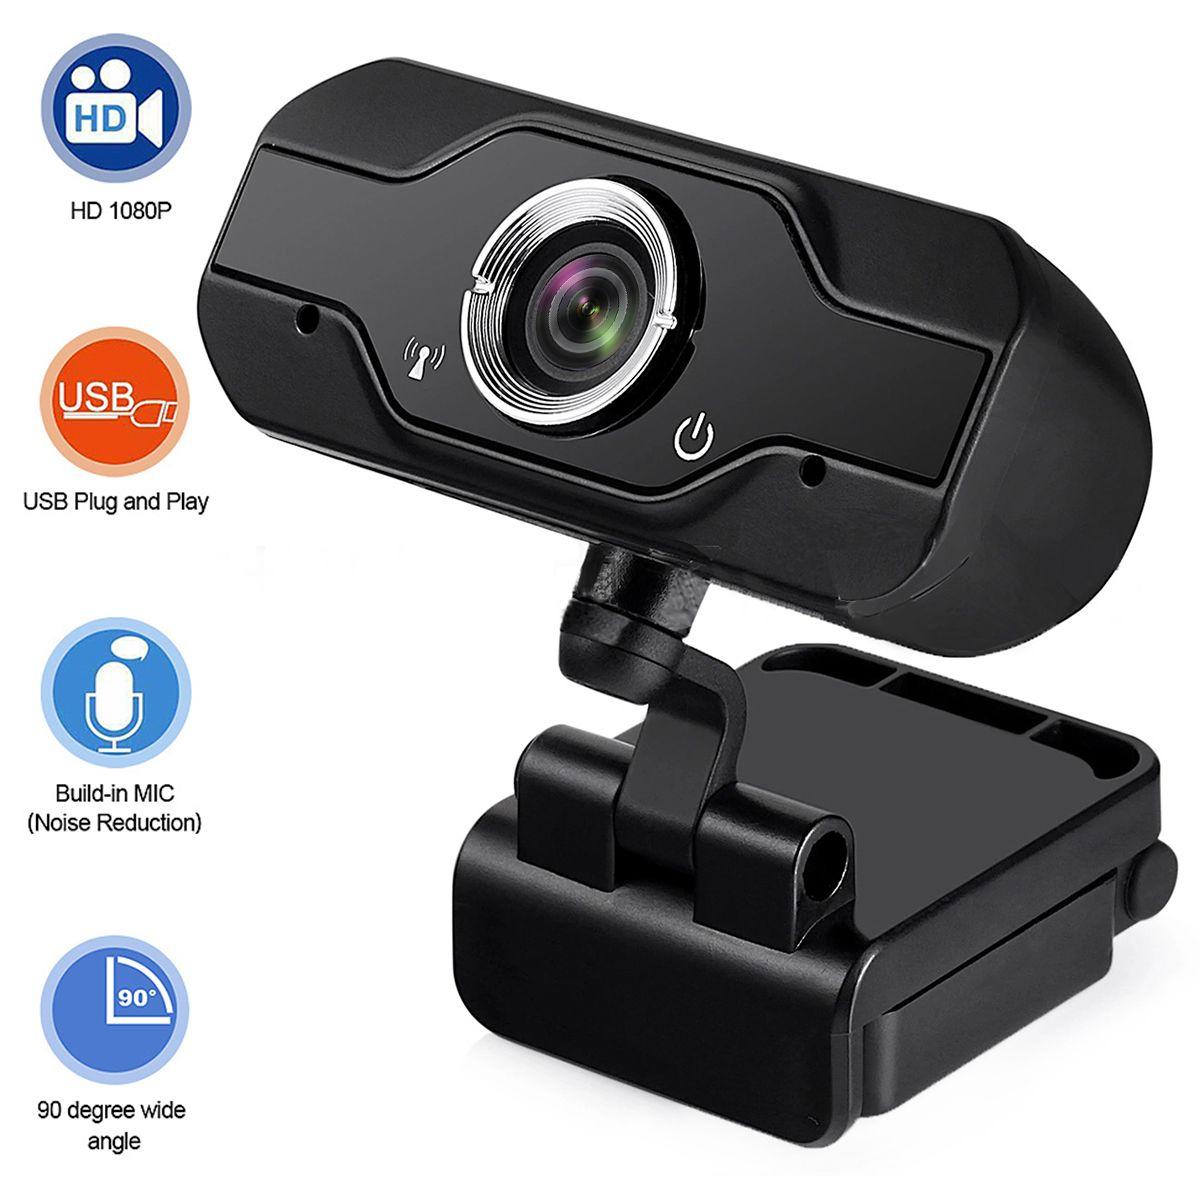 O envio gratuito de 1080p HD Webcam USB Microfone Integrado 1MP Optical Lens CMOS Sensor computador portátil Web Live Camera Video Chat Webcam